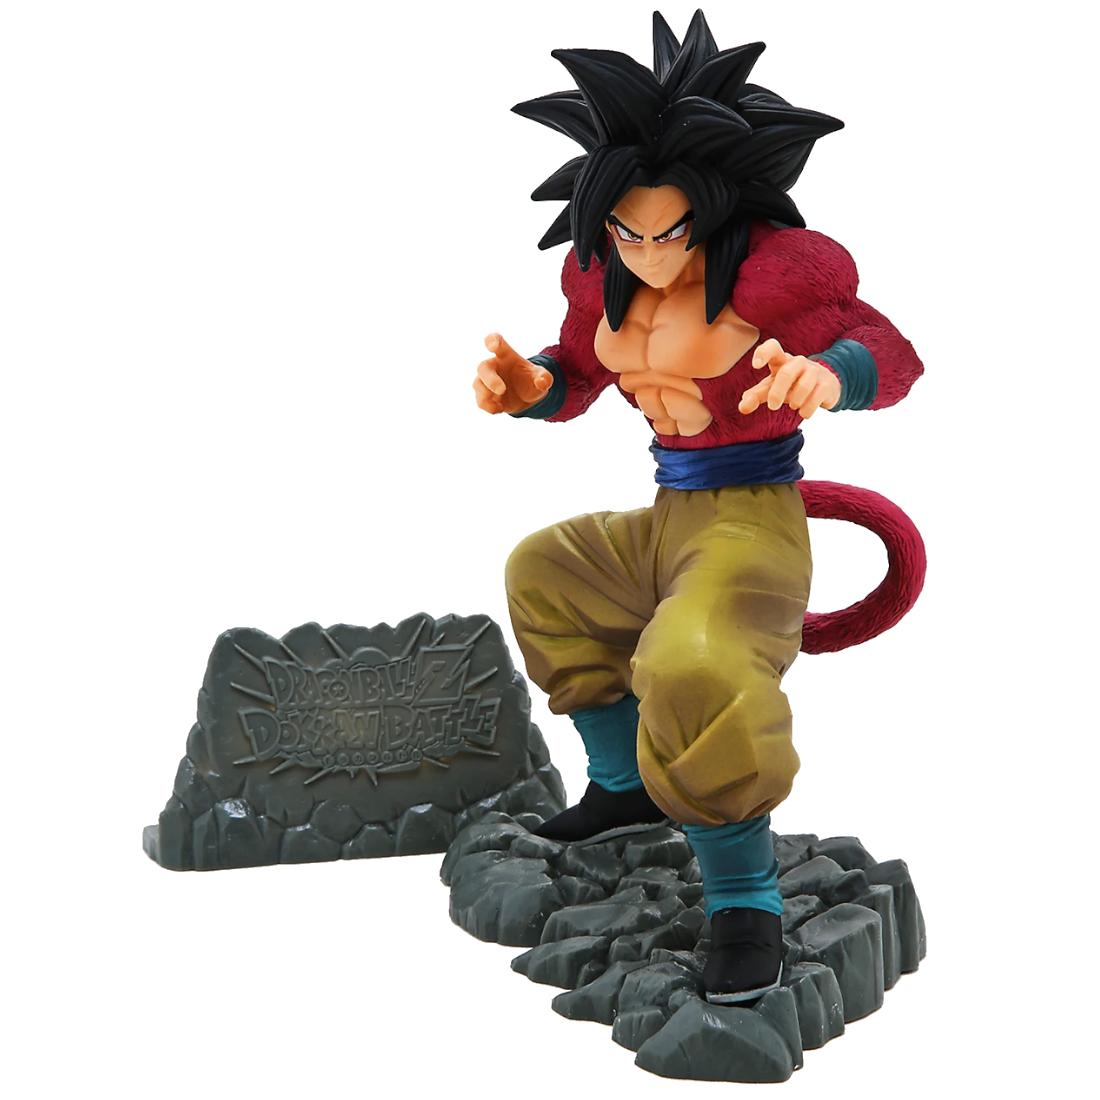 Banpresto Dragon Ball Z: Dokkan Battle Anniversary Figure Super Saiyan 4 Son Goku